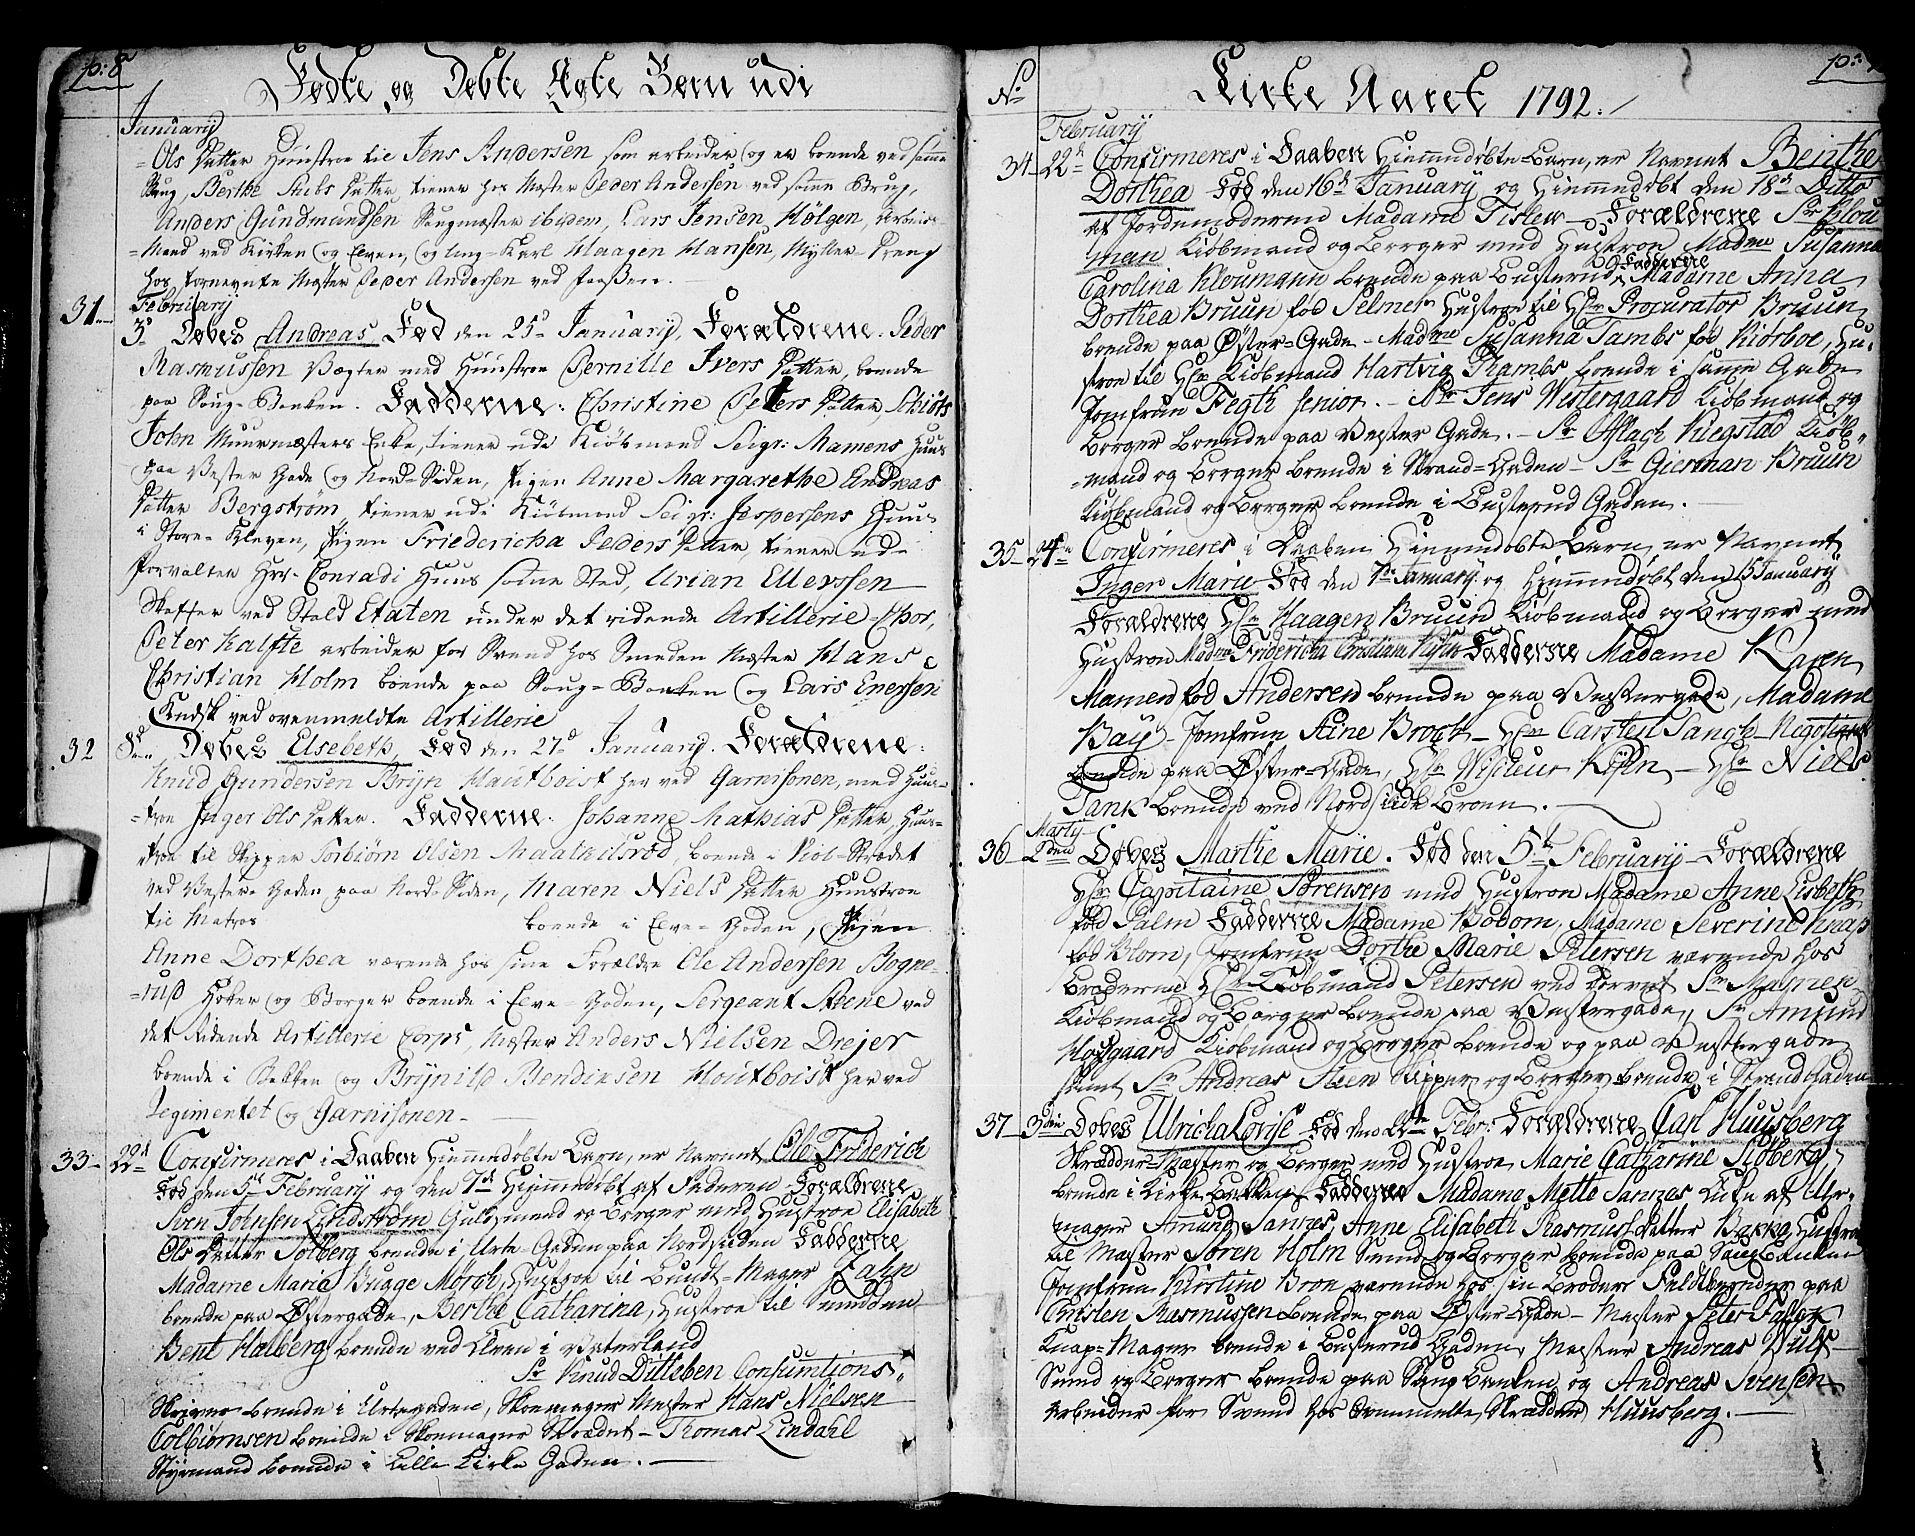 SAO, Halden prestekontor Kirkebøker, F/Fa/L0002: Ministerialbok nr. I 2, 1792-1812, s. 8-9